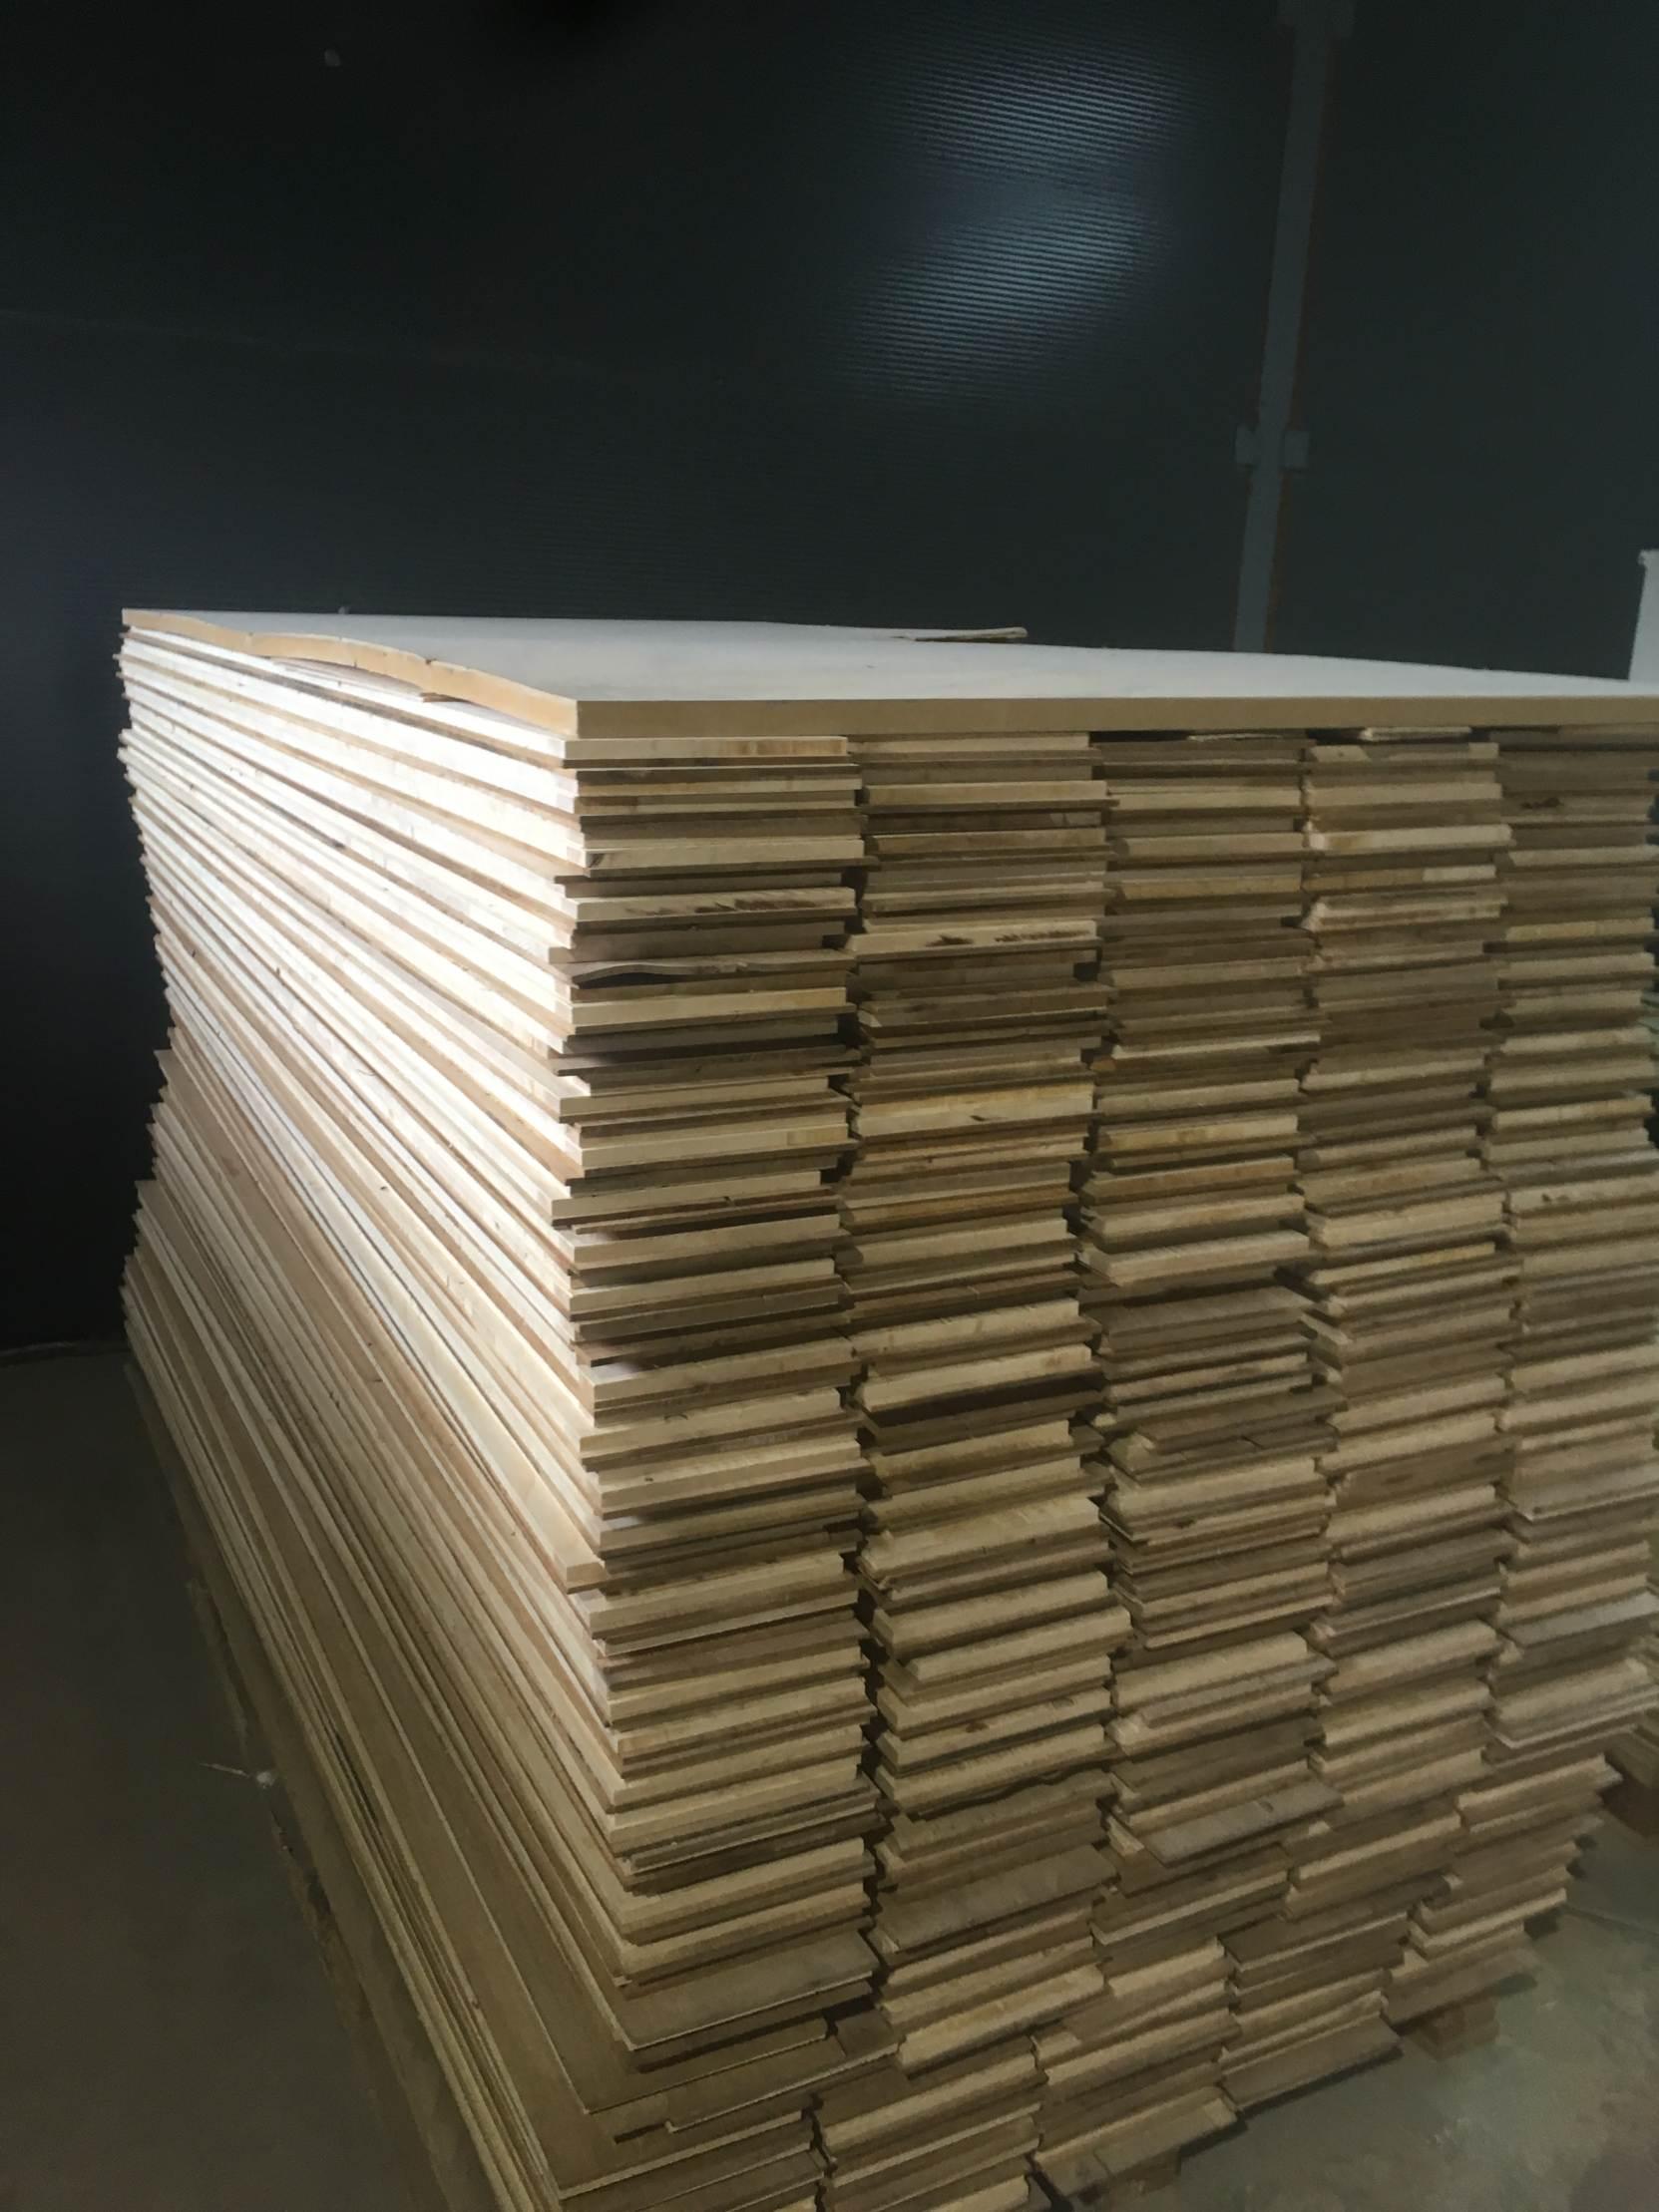 Gotovi pproizvodi - Flooring 200 mm